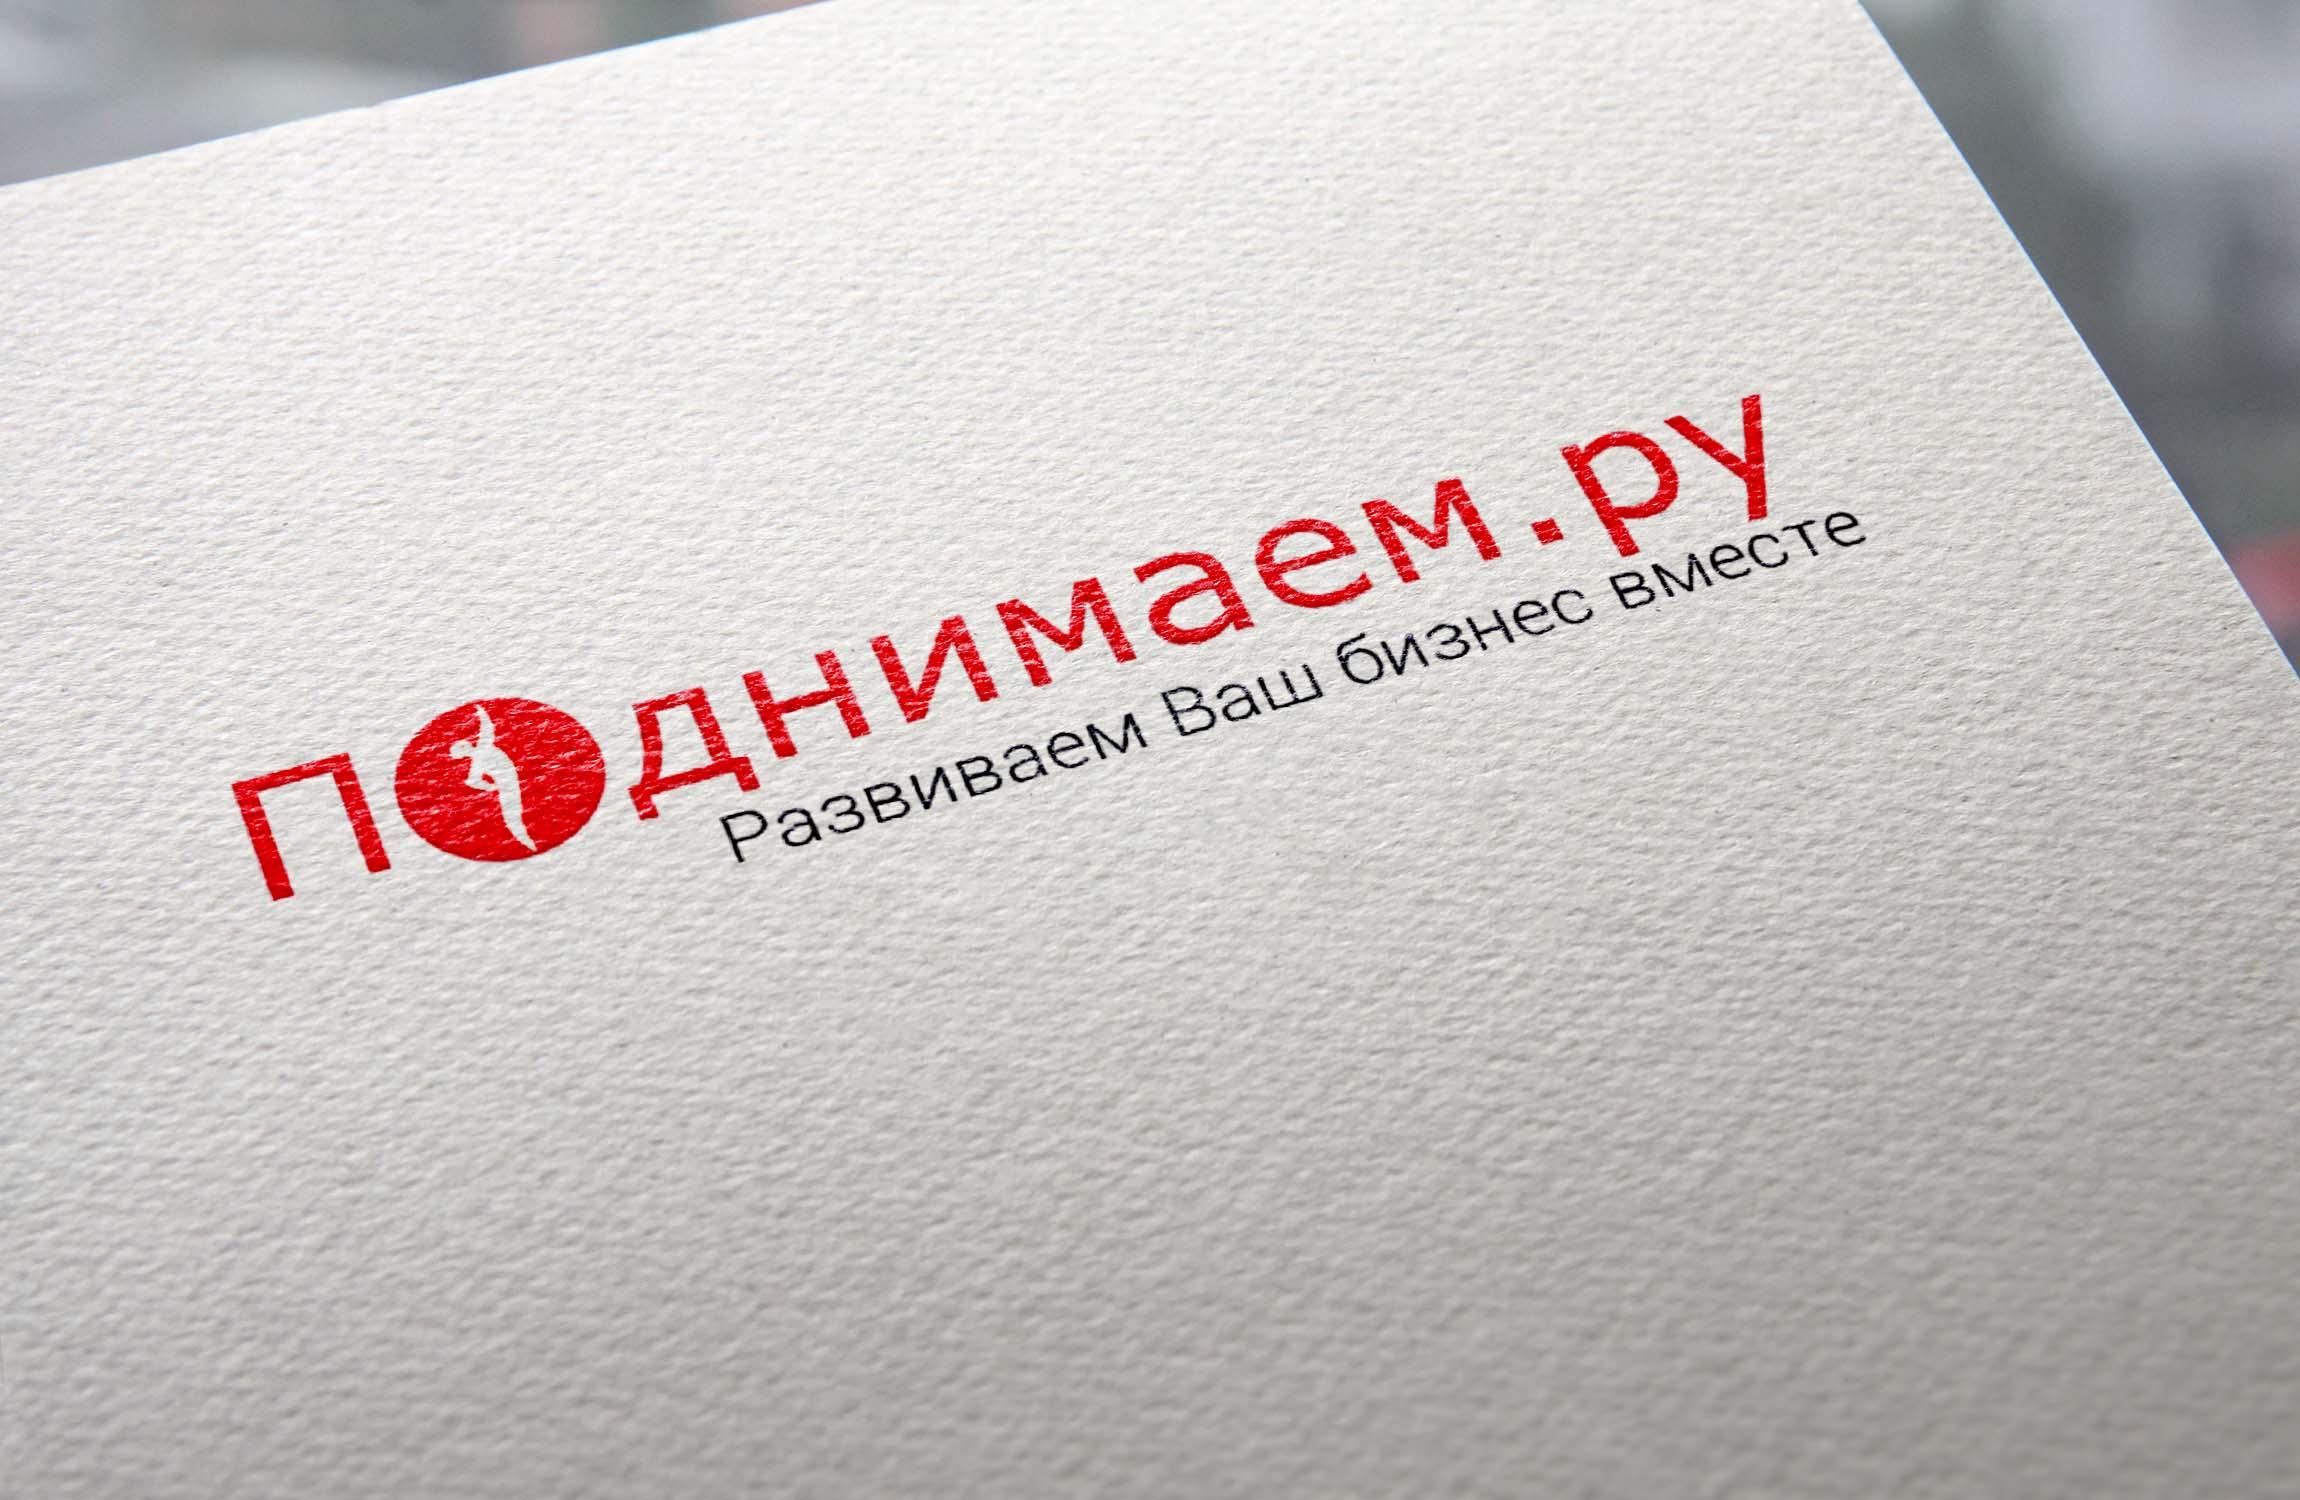 Разработать логотип + визитку + логотип для печати ООО +++ фото f_5635546a67c819f3.jpg